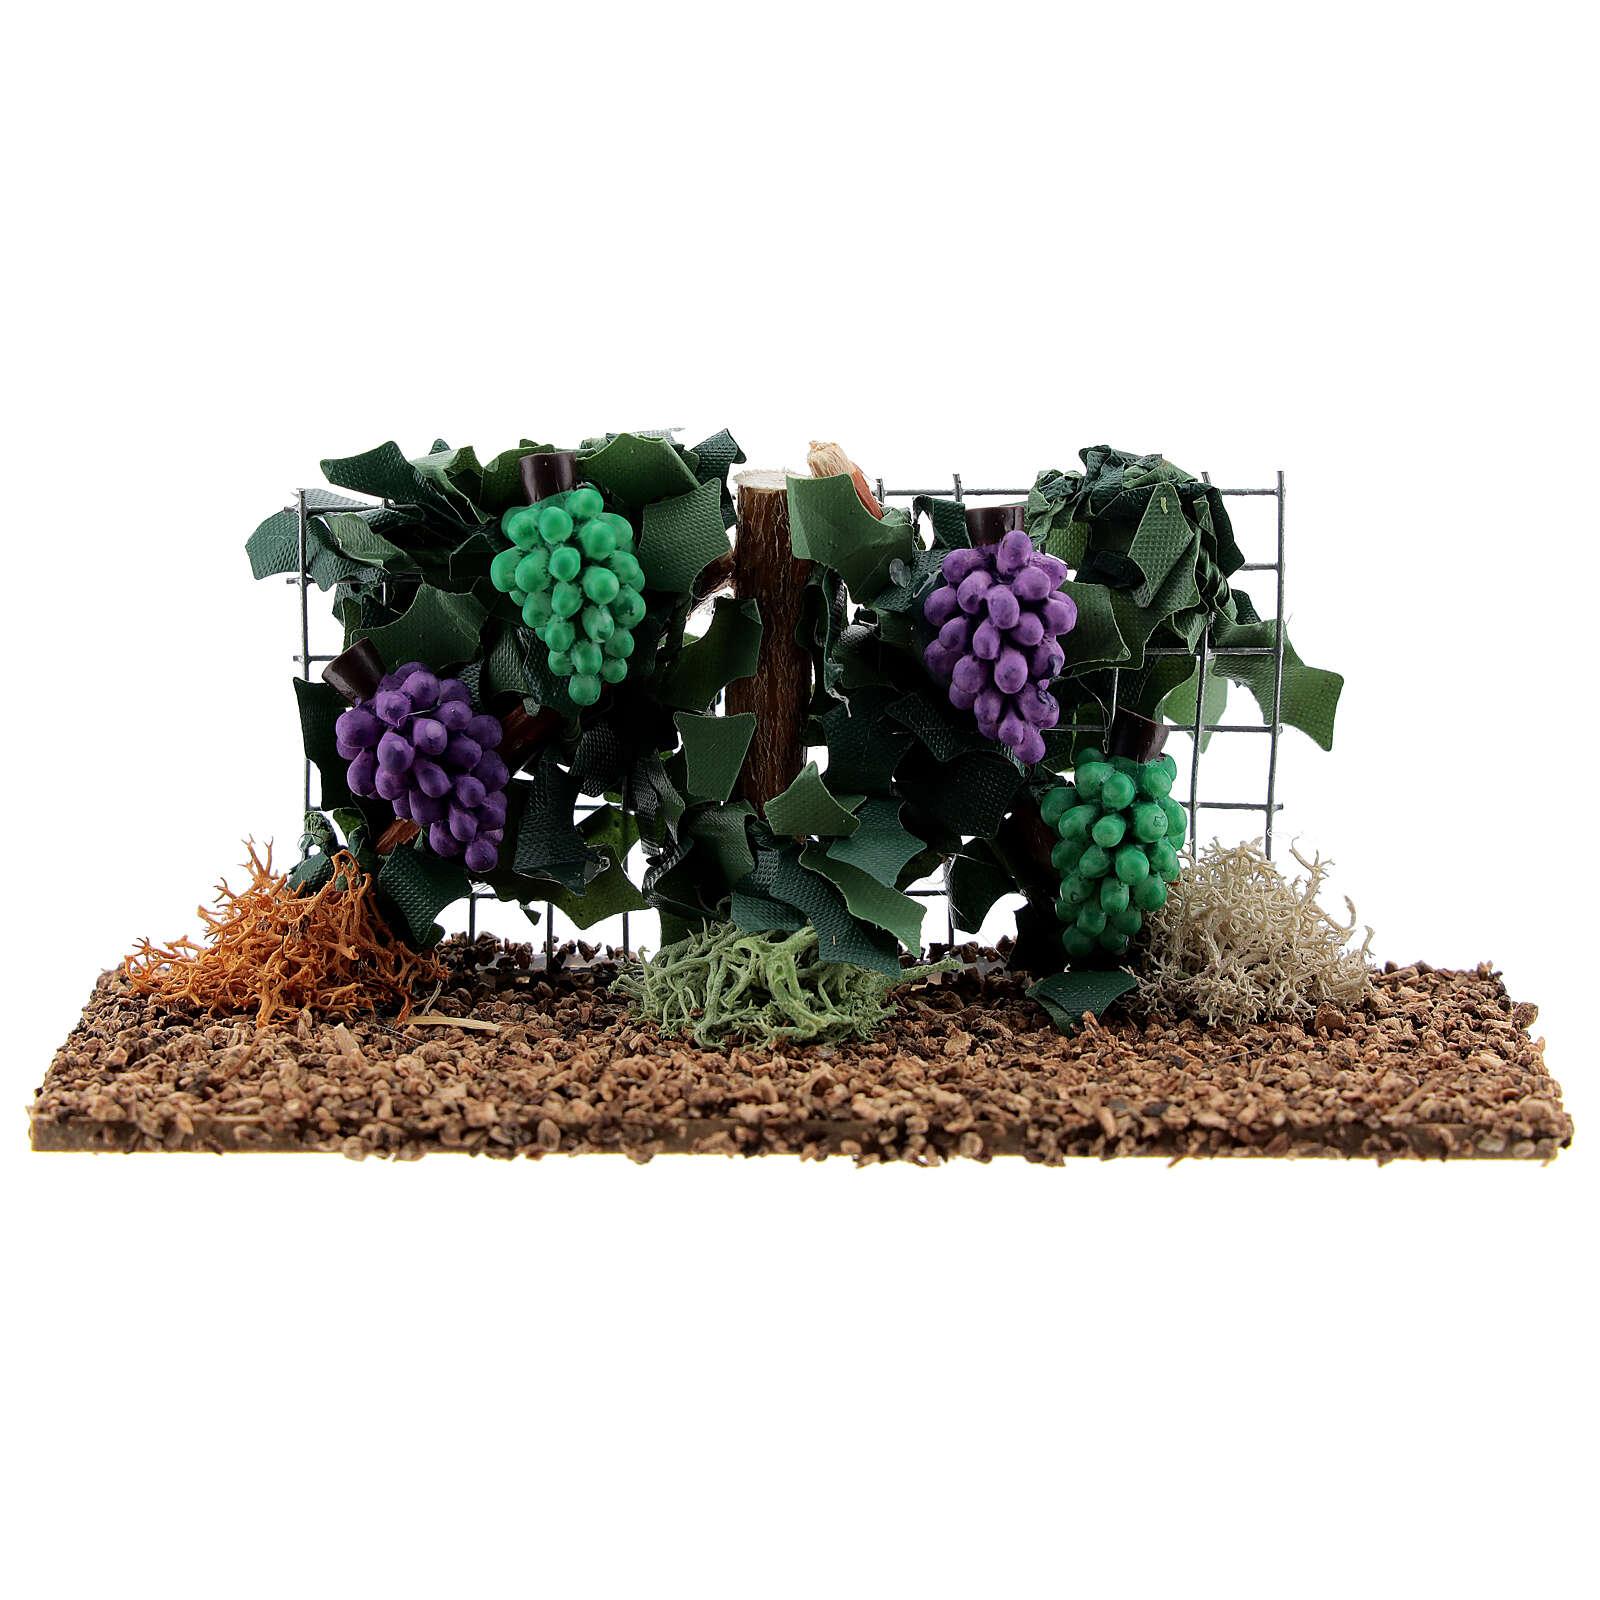 Vite con uva resina presepe 6-8 cm 4